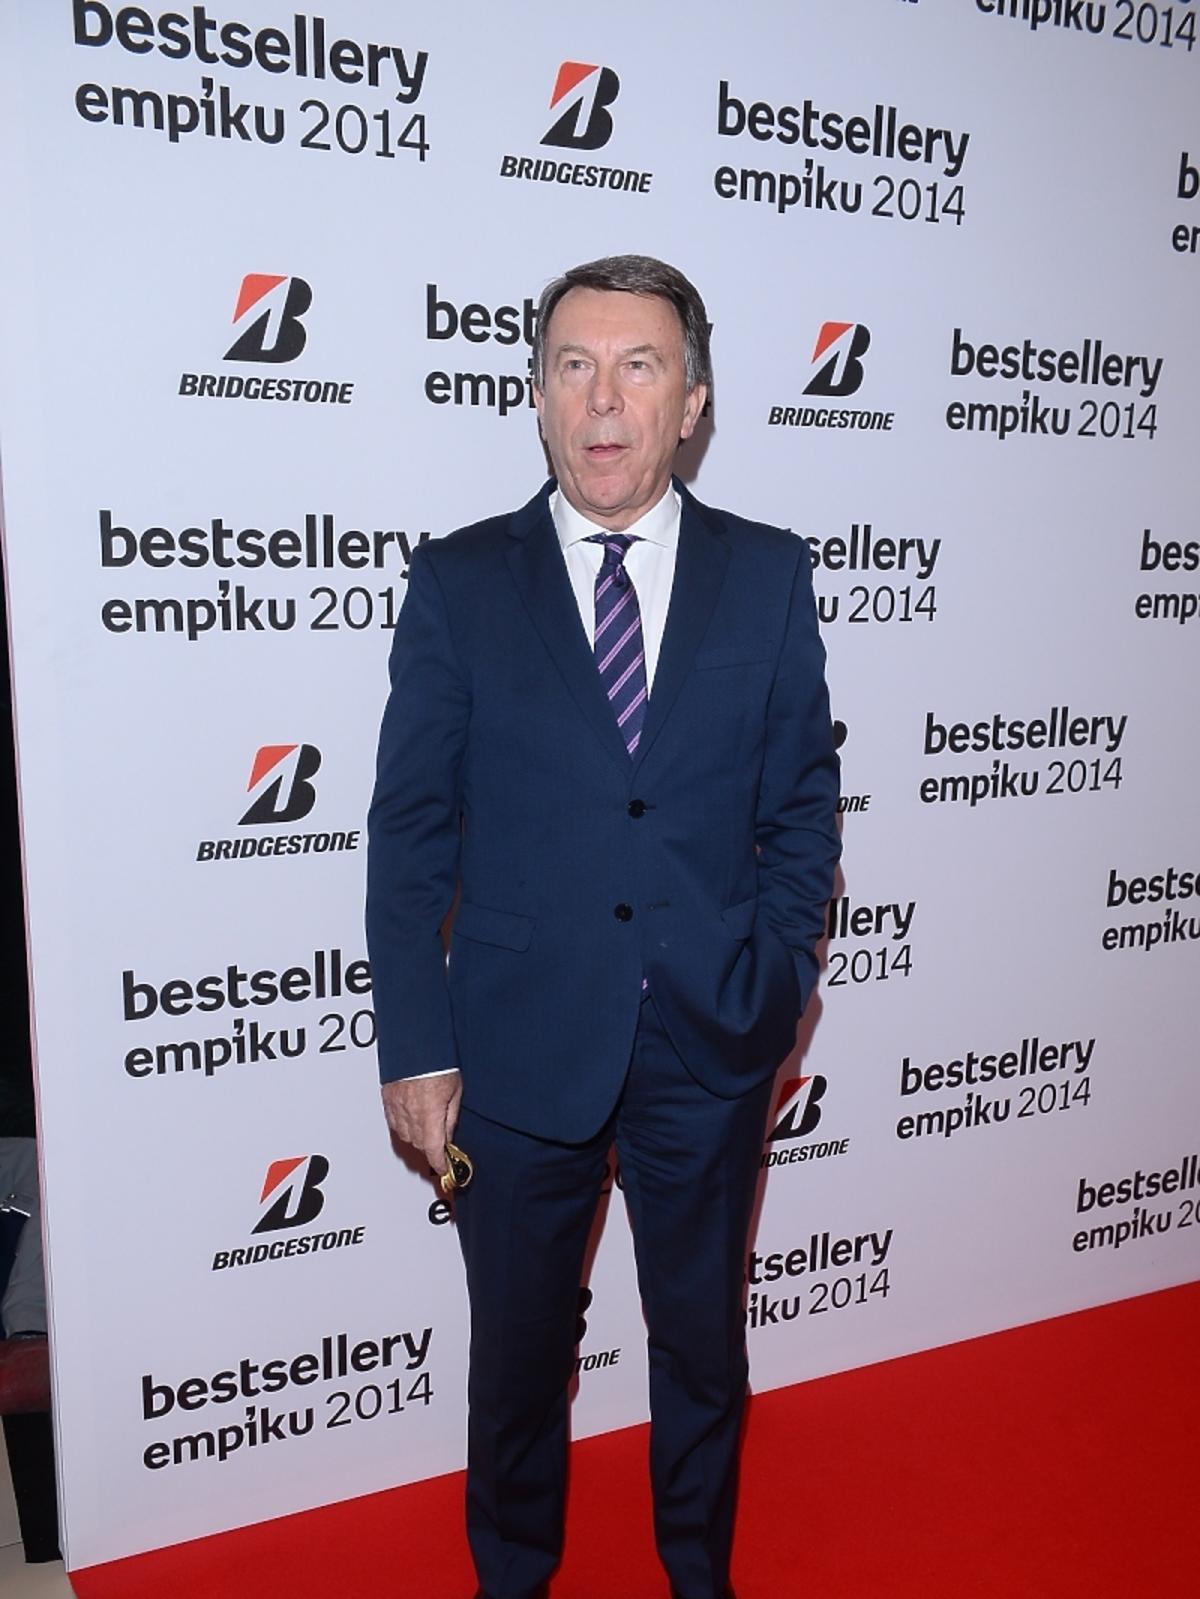 Wojciech Gąsowski na gali Bestsellery Empiku 2014